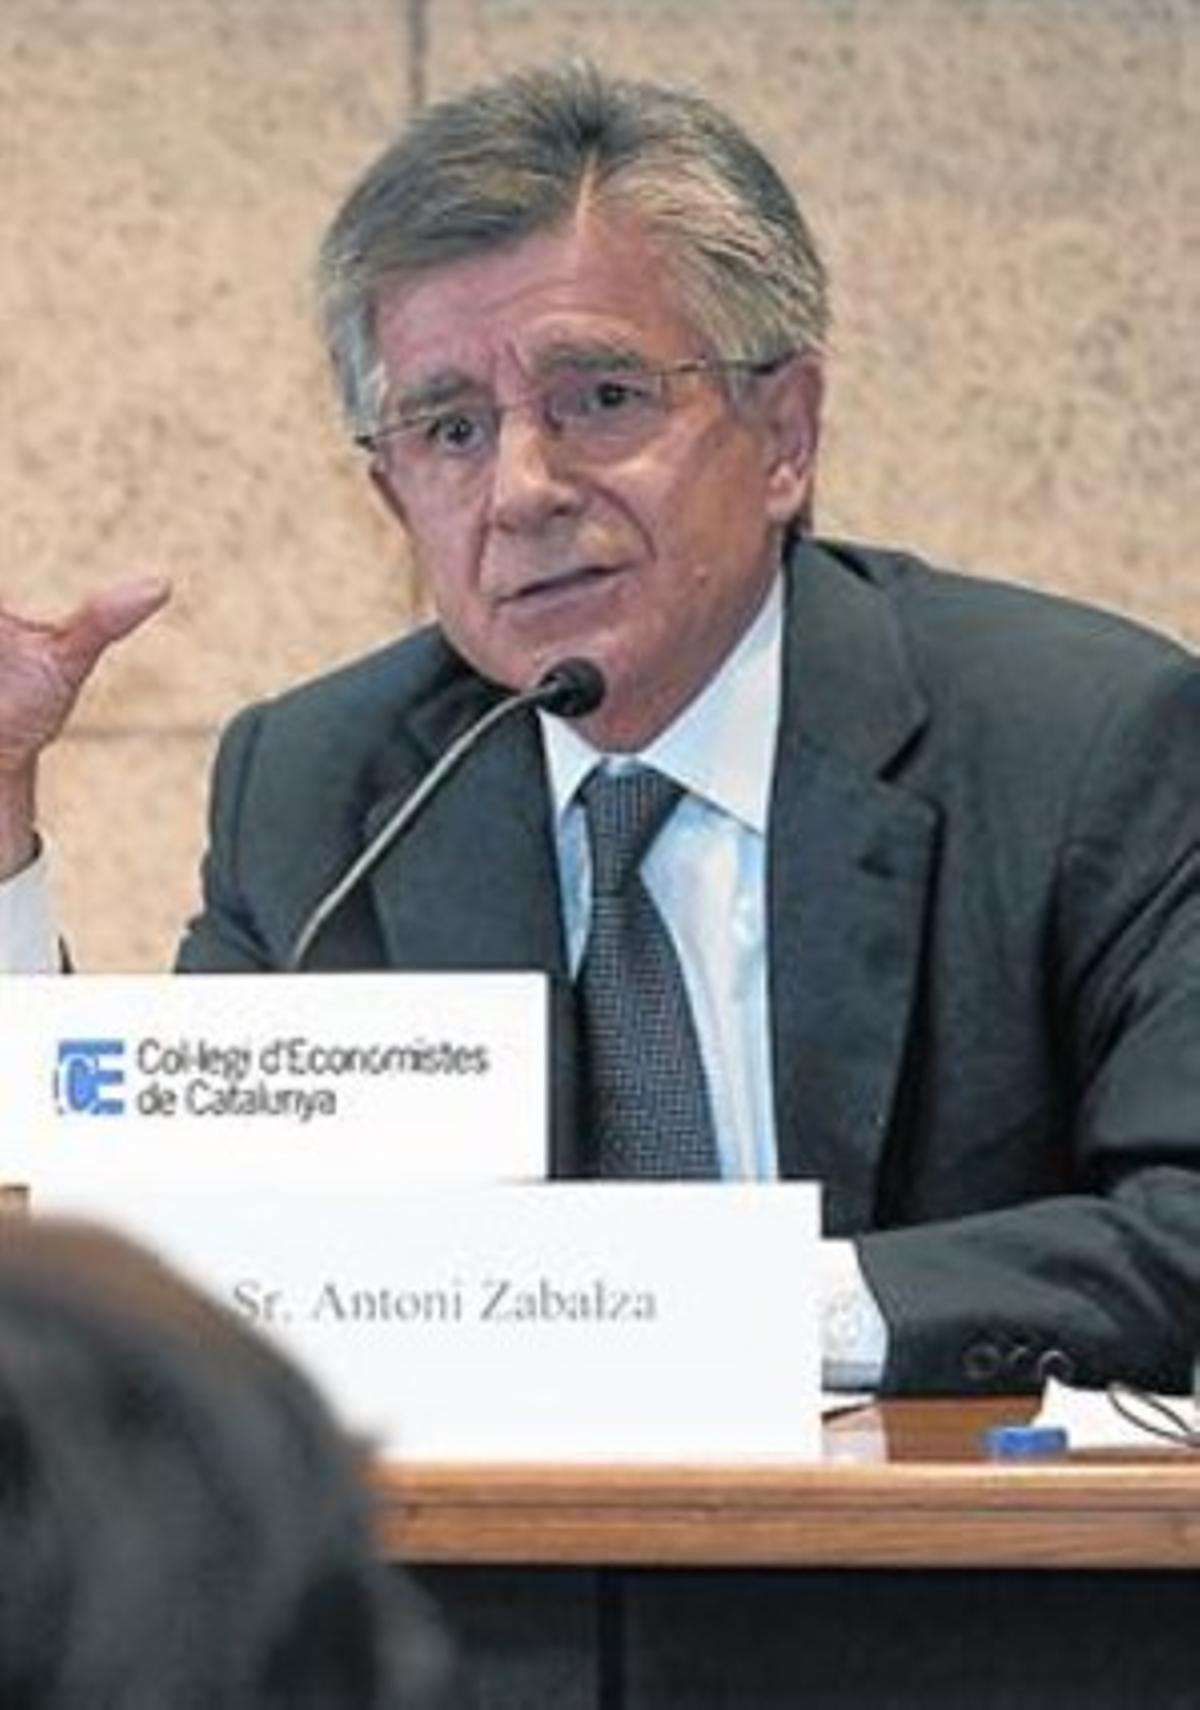 Exsecretario de Hacienda 8 Antoni Zabalza.